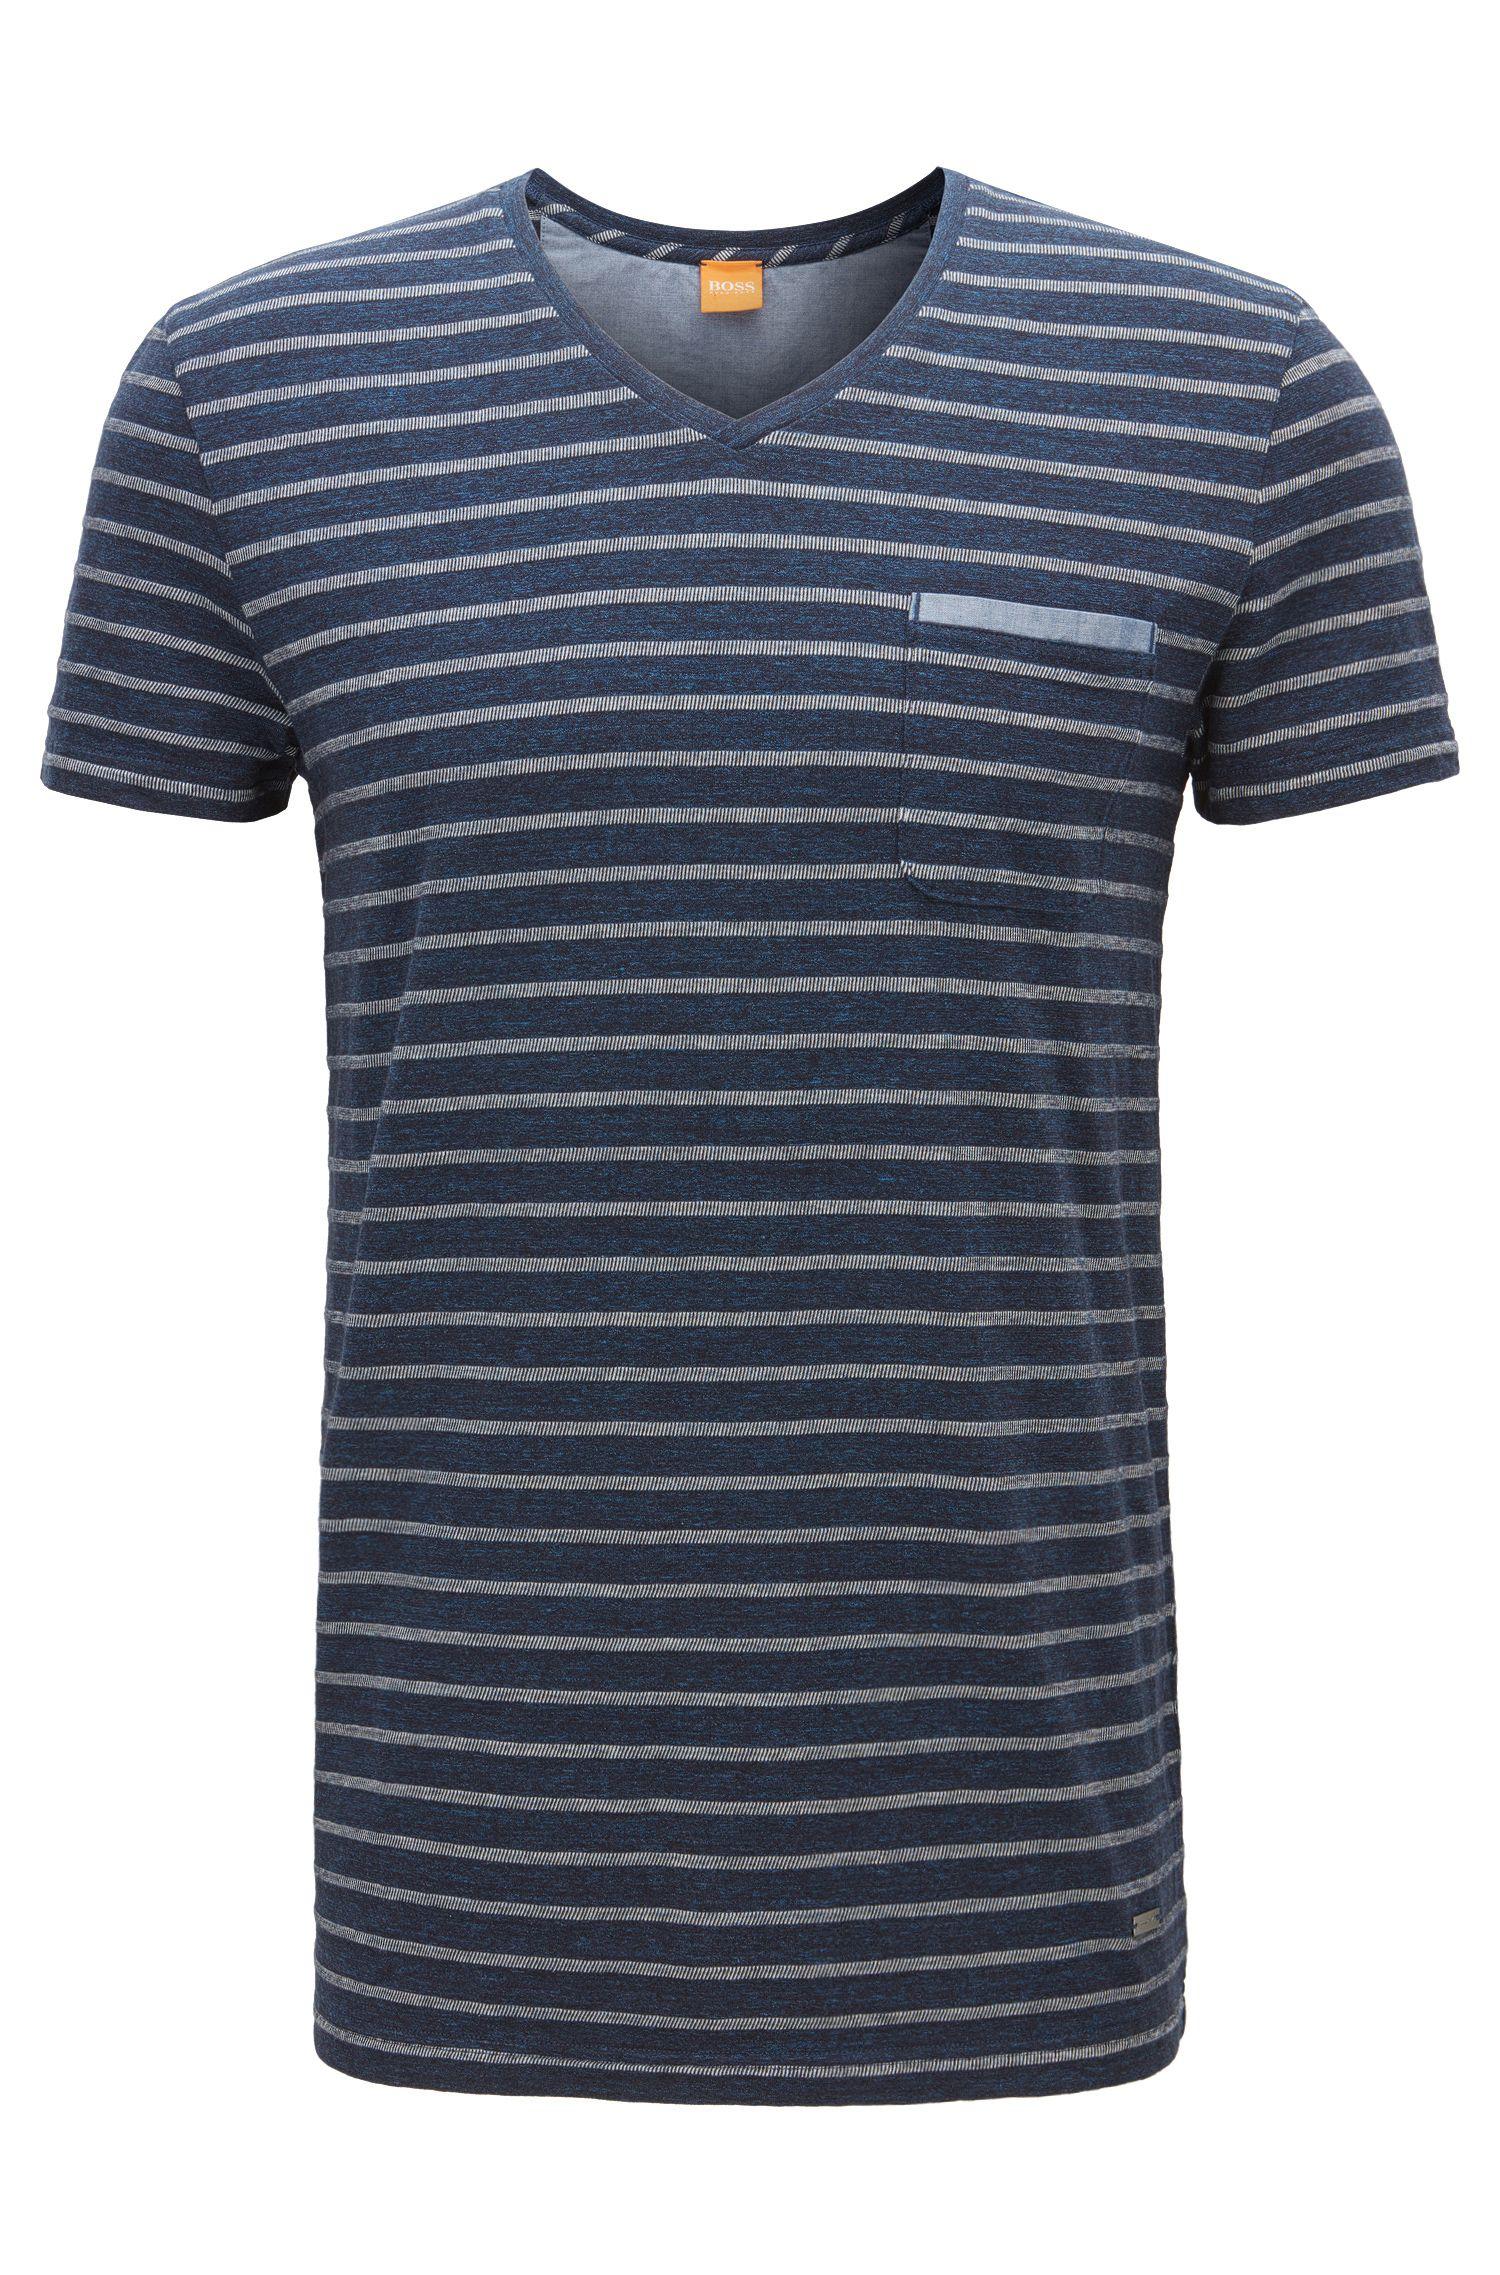 'Tramway' | Striped Cotton Jersey T-Shirt